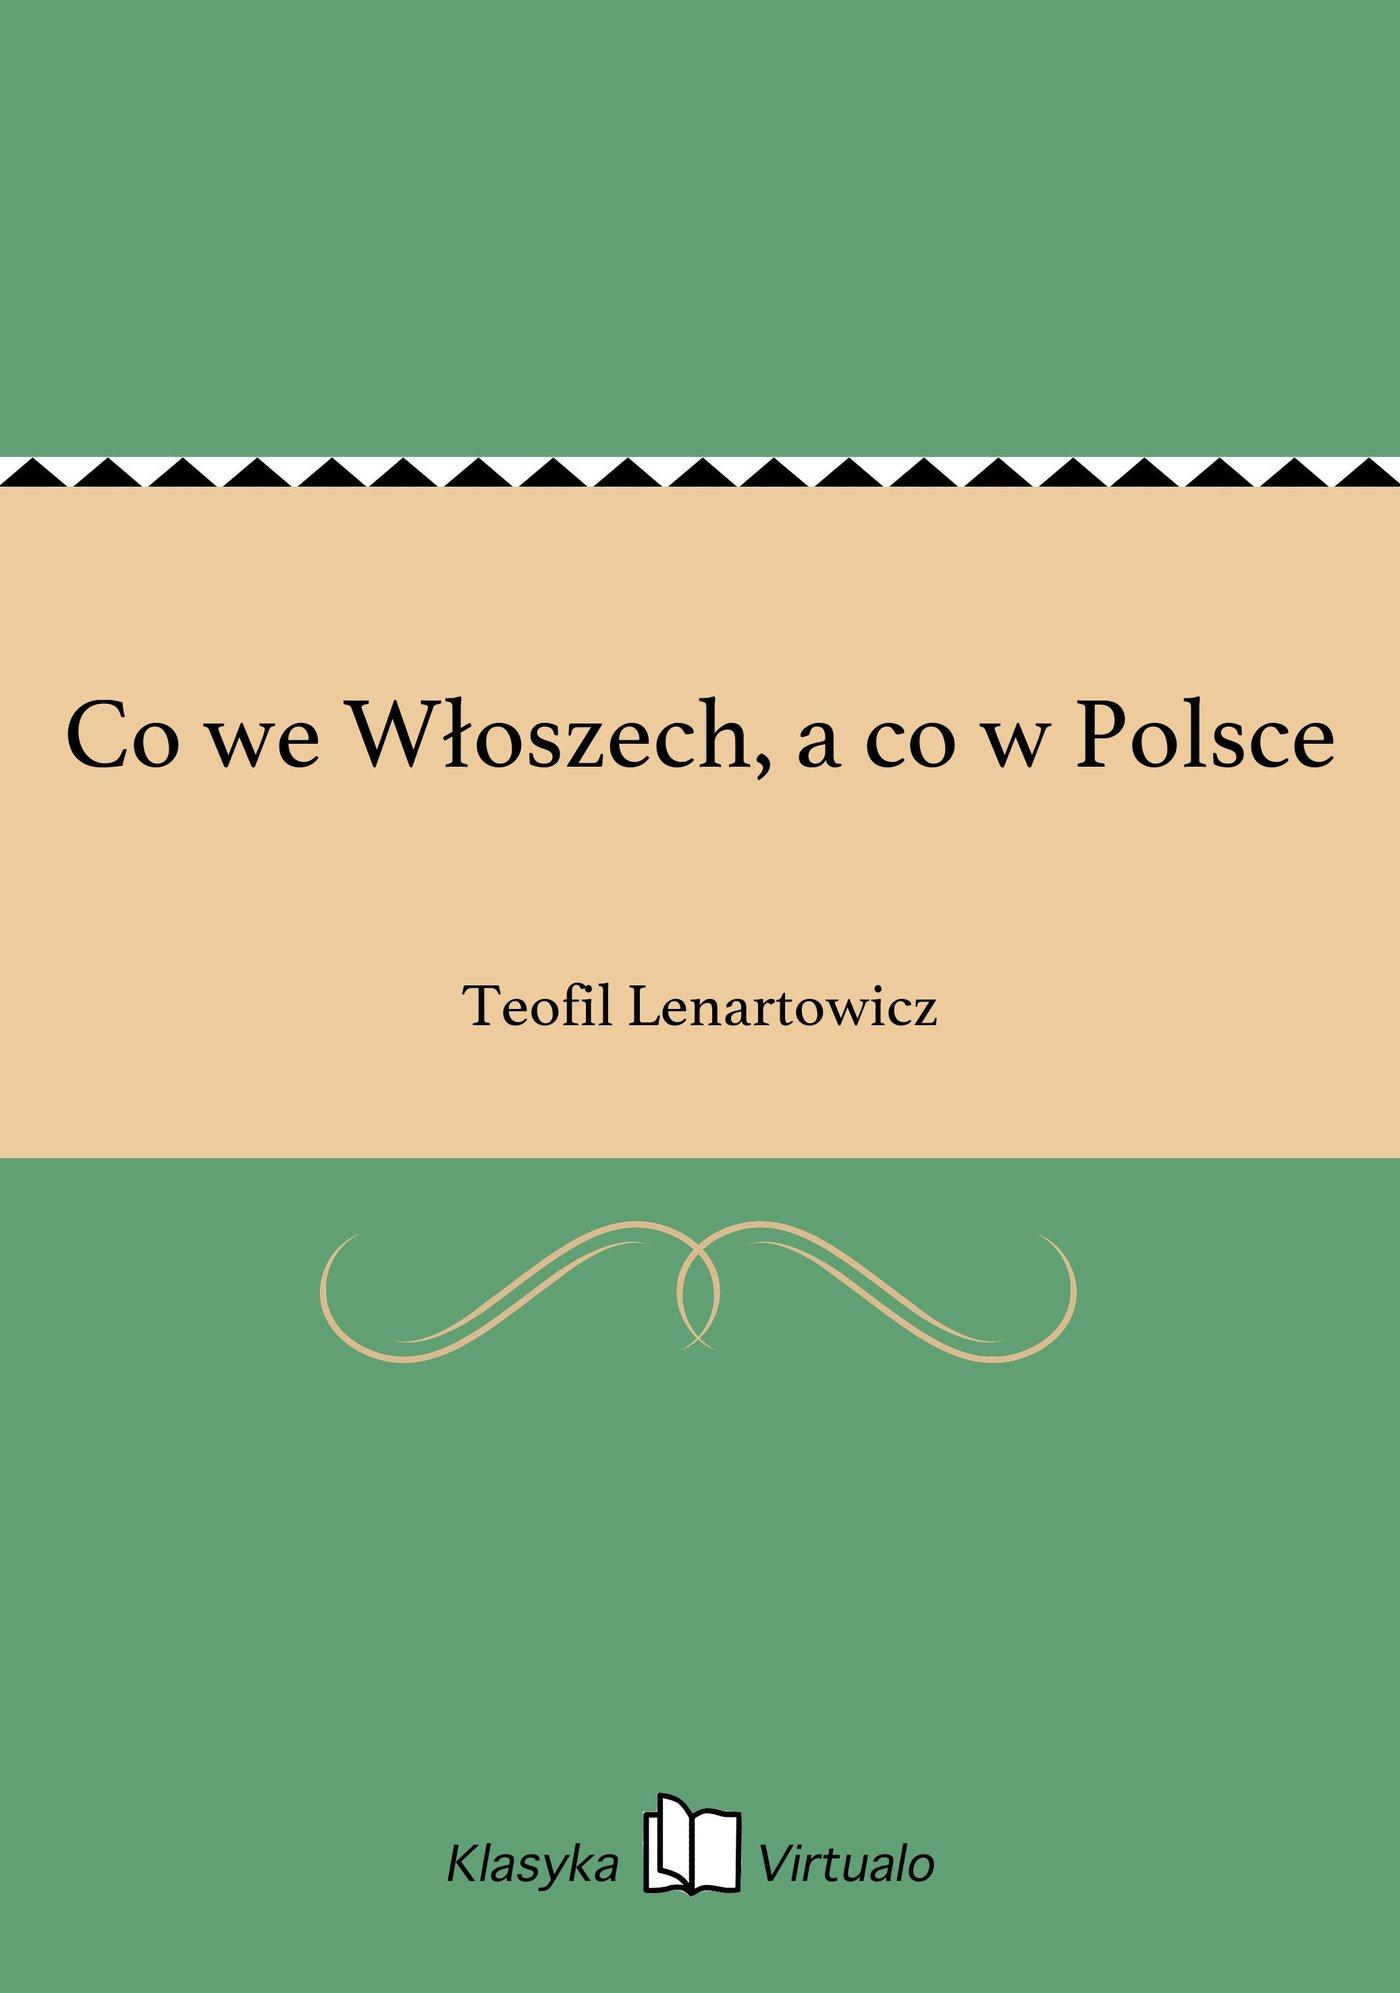 Co we Włoszech, a co w Polsce - Ebook (Książka EPUB) do pobrania w formacie EPUB